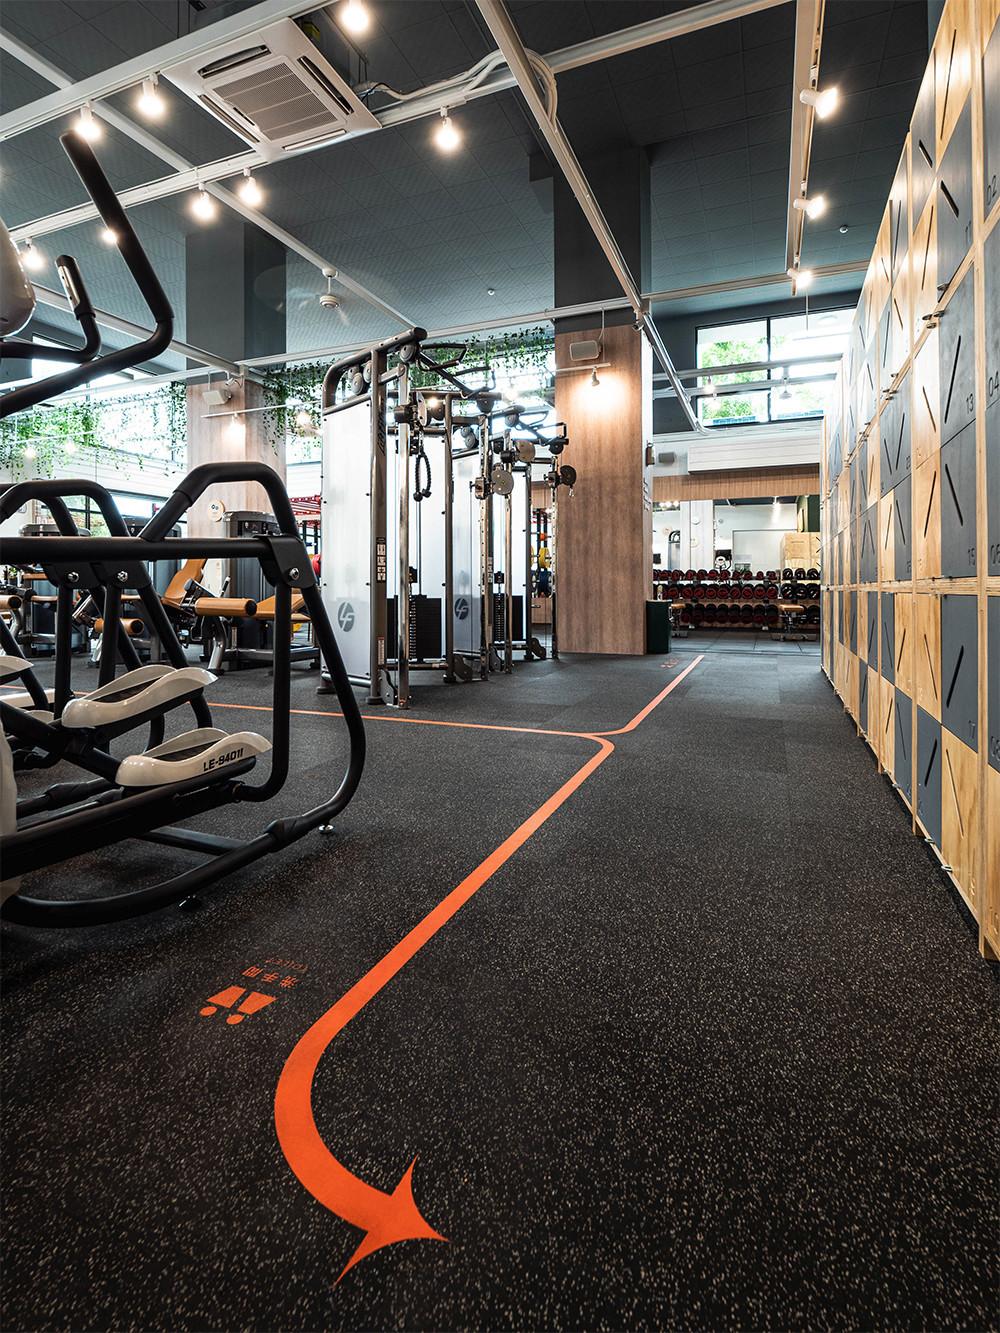 嘉義健身房室內空間設計-地板動線標示2|塔索肌力與體能訓練中心